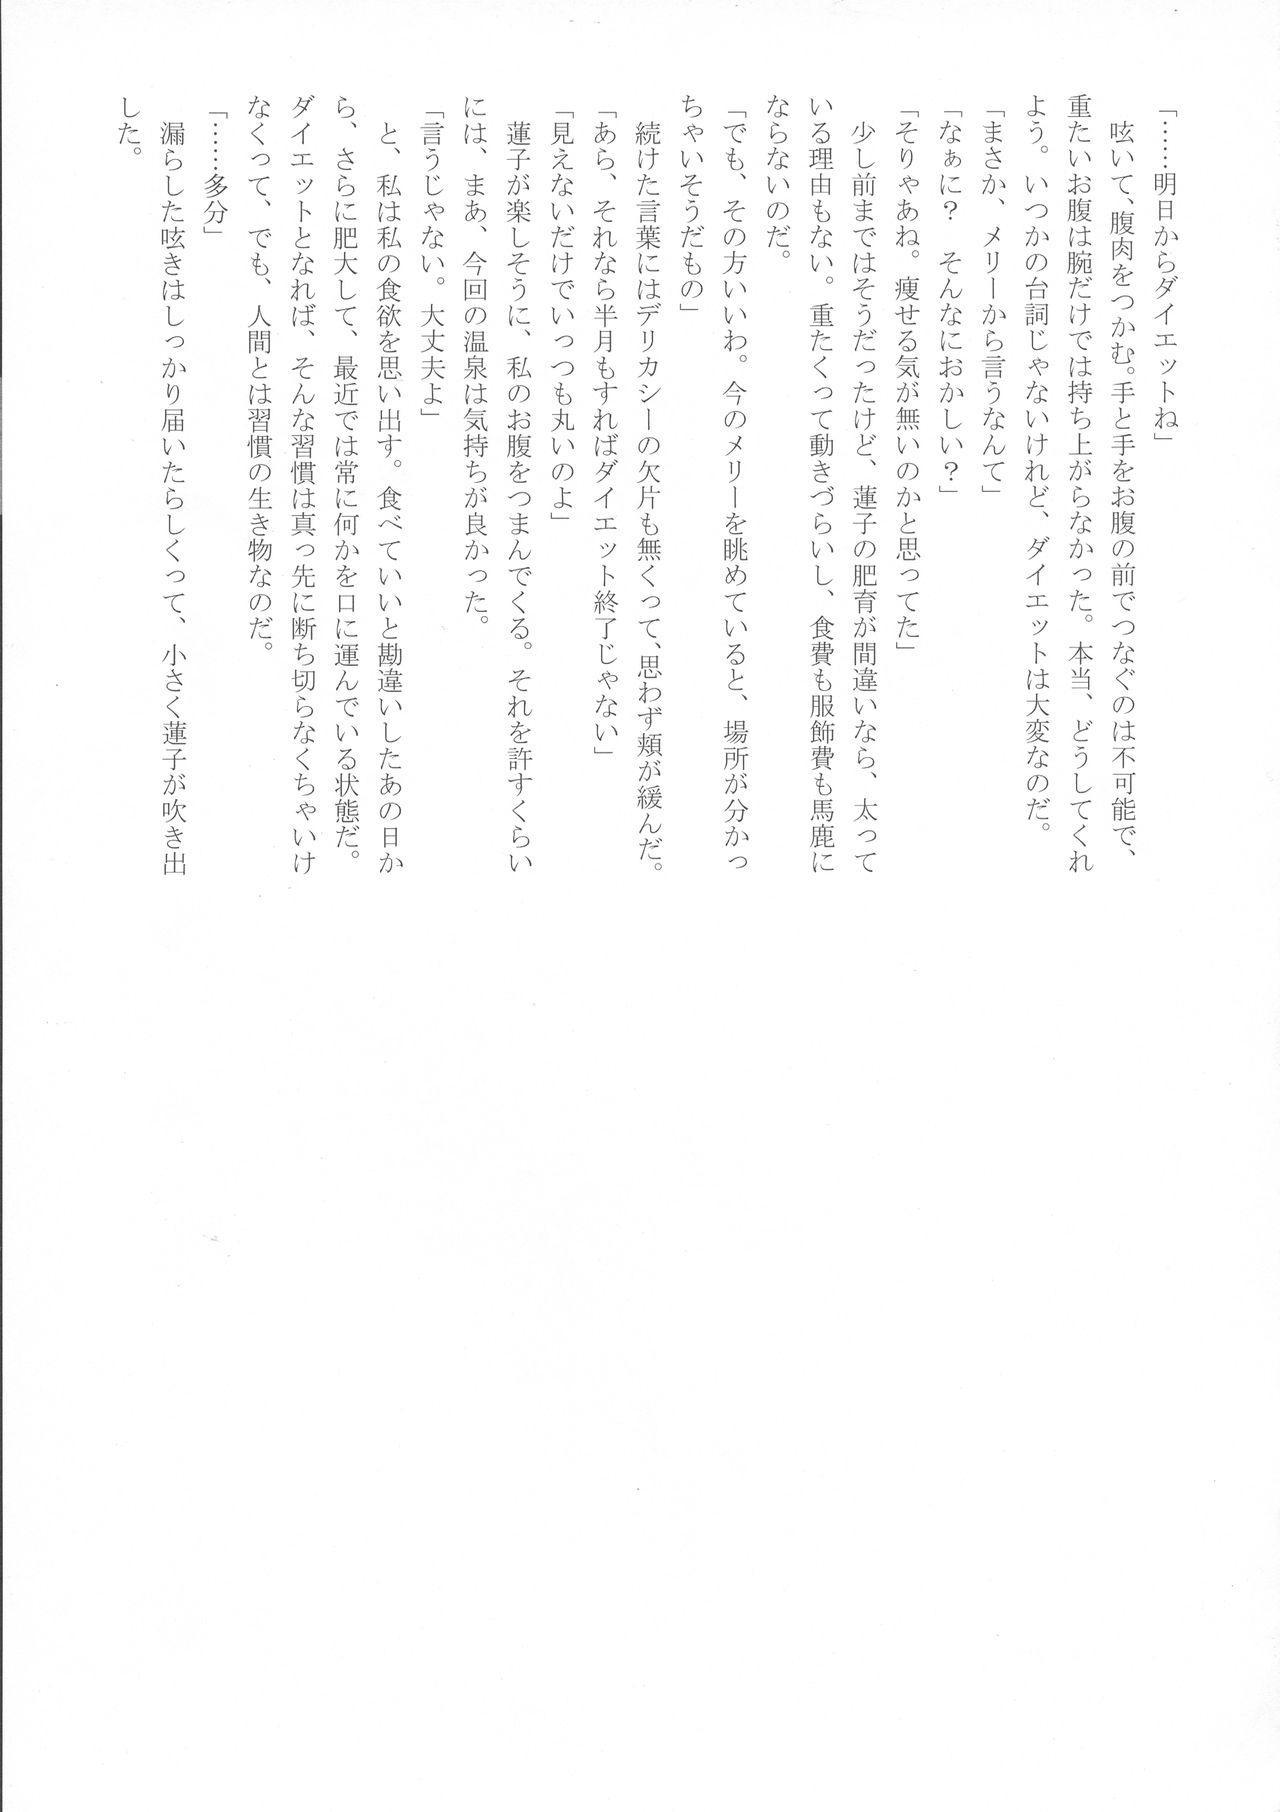 (Reitaisai 15) [HORIC WORKS (Various)] Touhou Bouchou-kei Sougou Goudou-shi `Boujo 2!!!!!!!!' (Touhou Project) 75